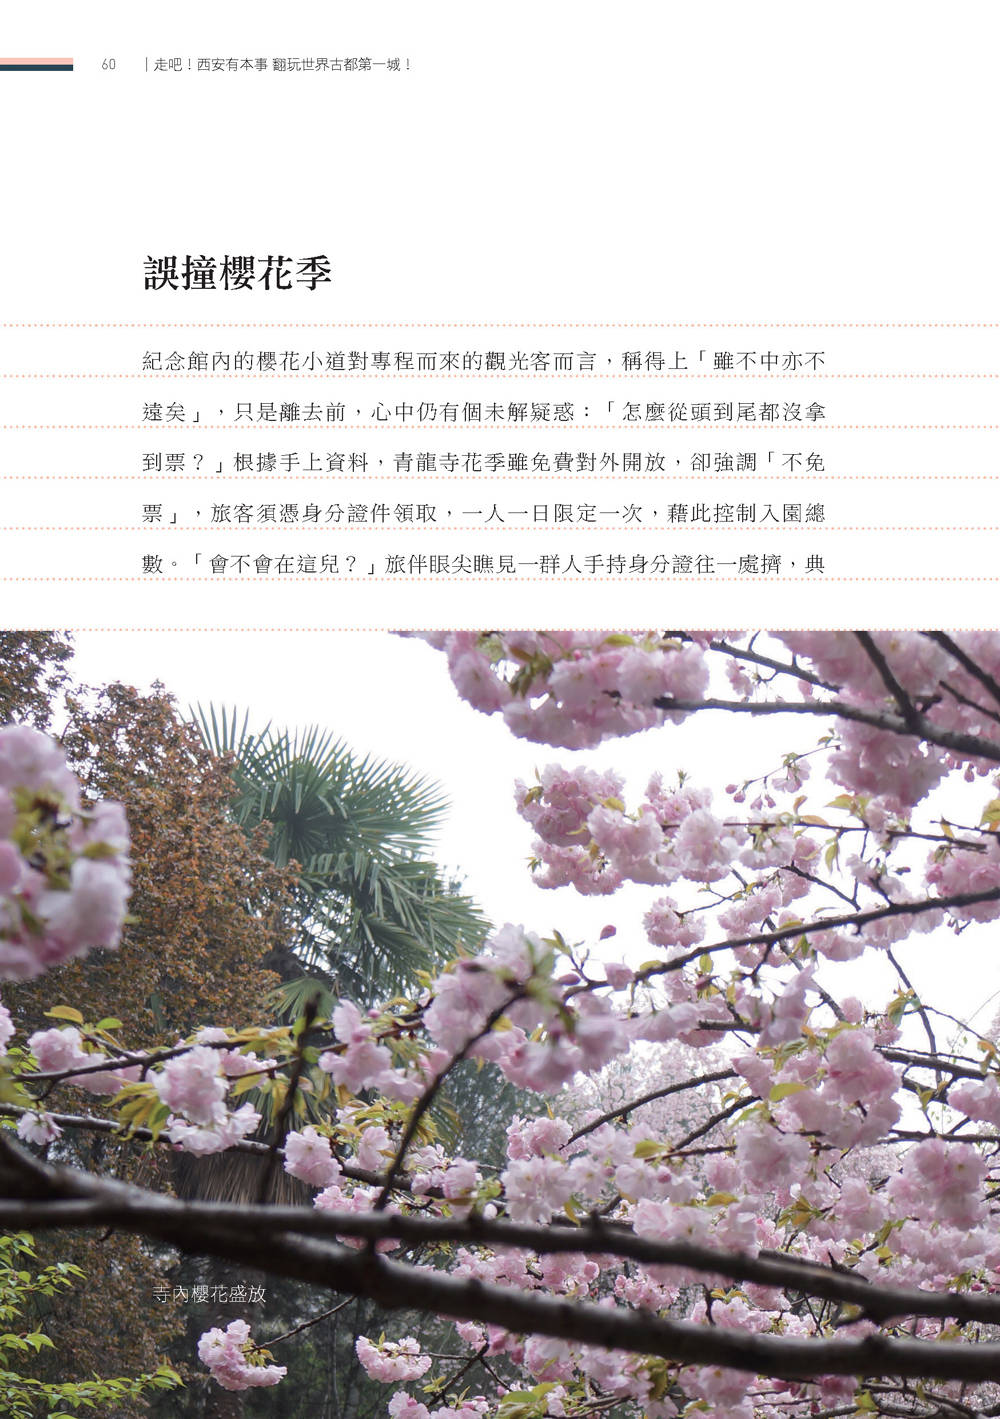 http://im1.book.com.tw/image/getImage?i=http://www.books.com.tw/img/001/071/93/0010719376_b_04.jpg&v=57629c40&w=655&h=609